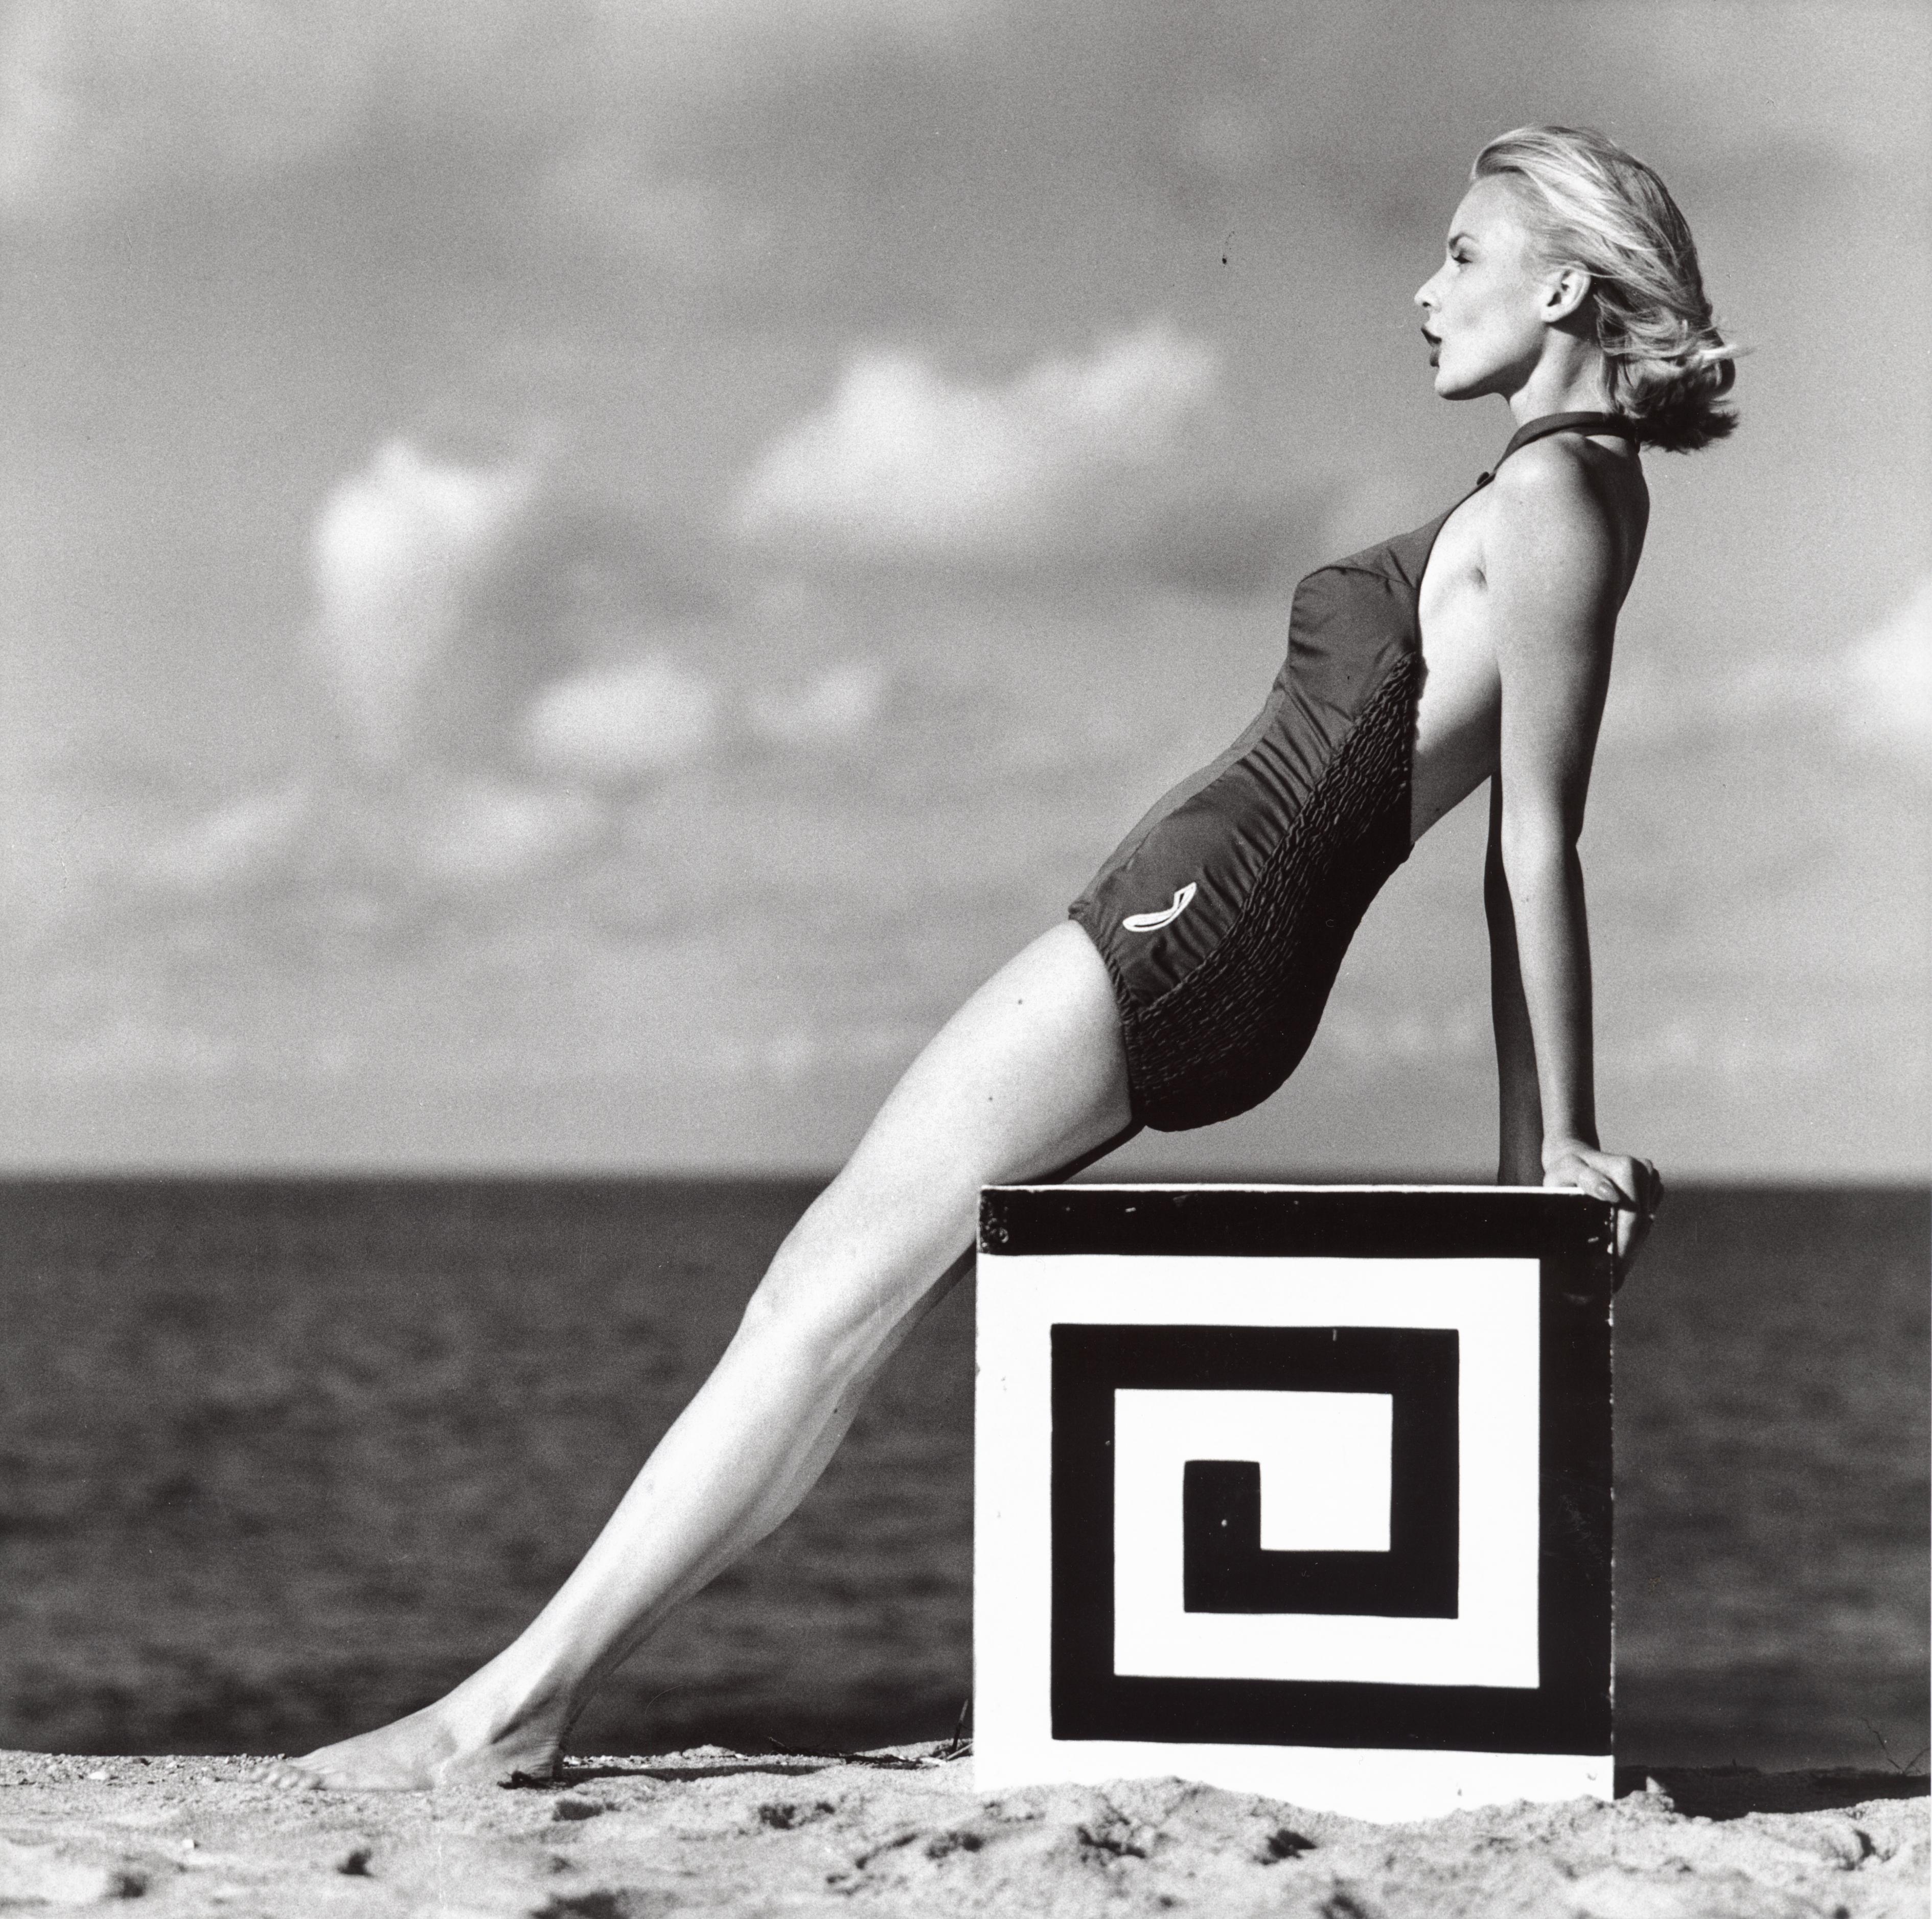 Christa Vogel on the beach Photo by F.C Gundlach 1958